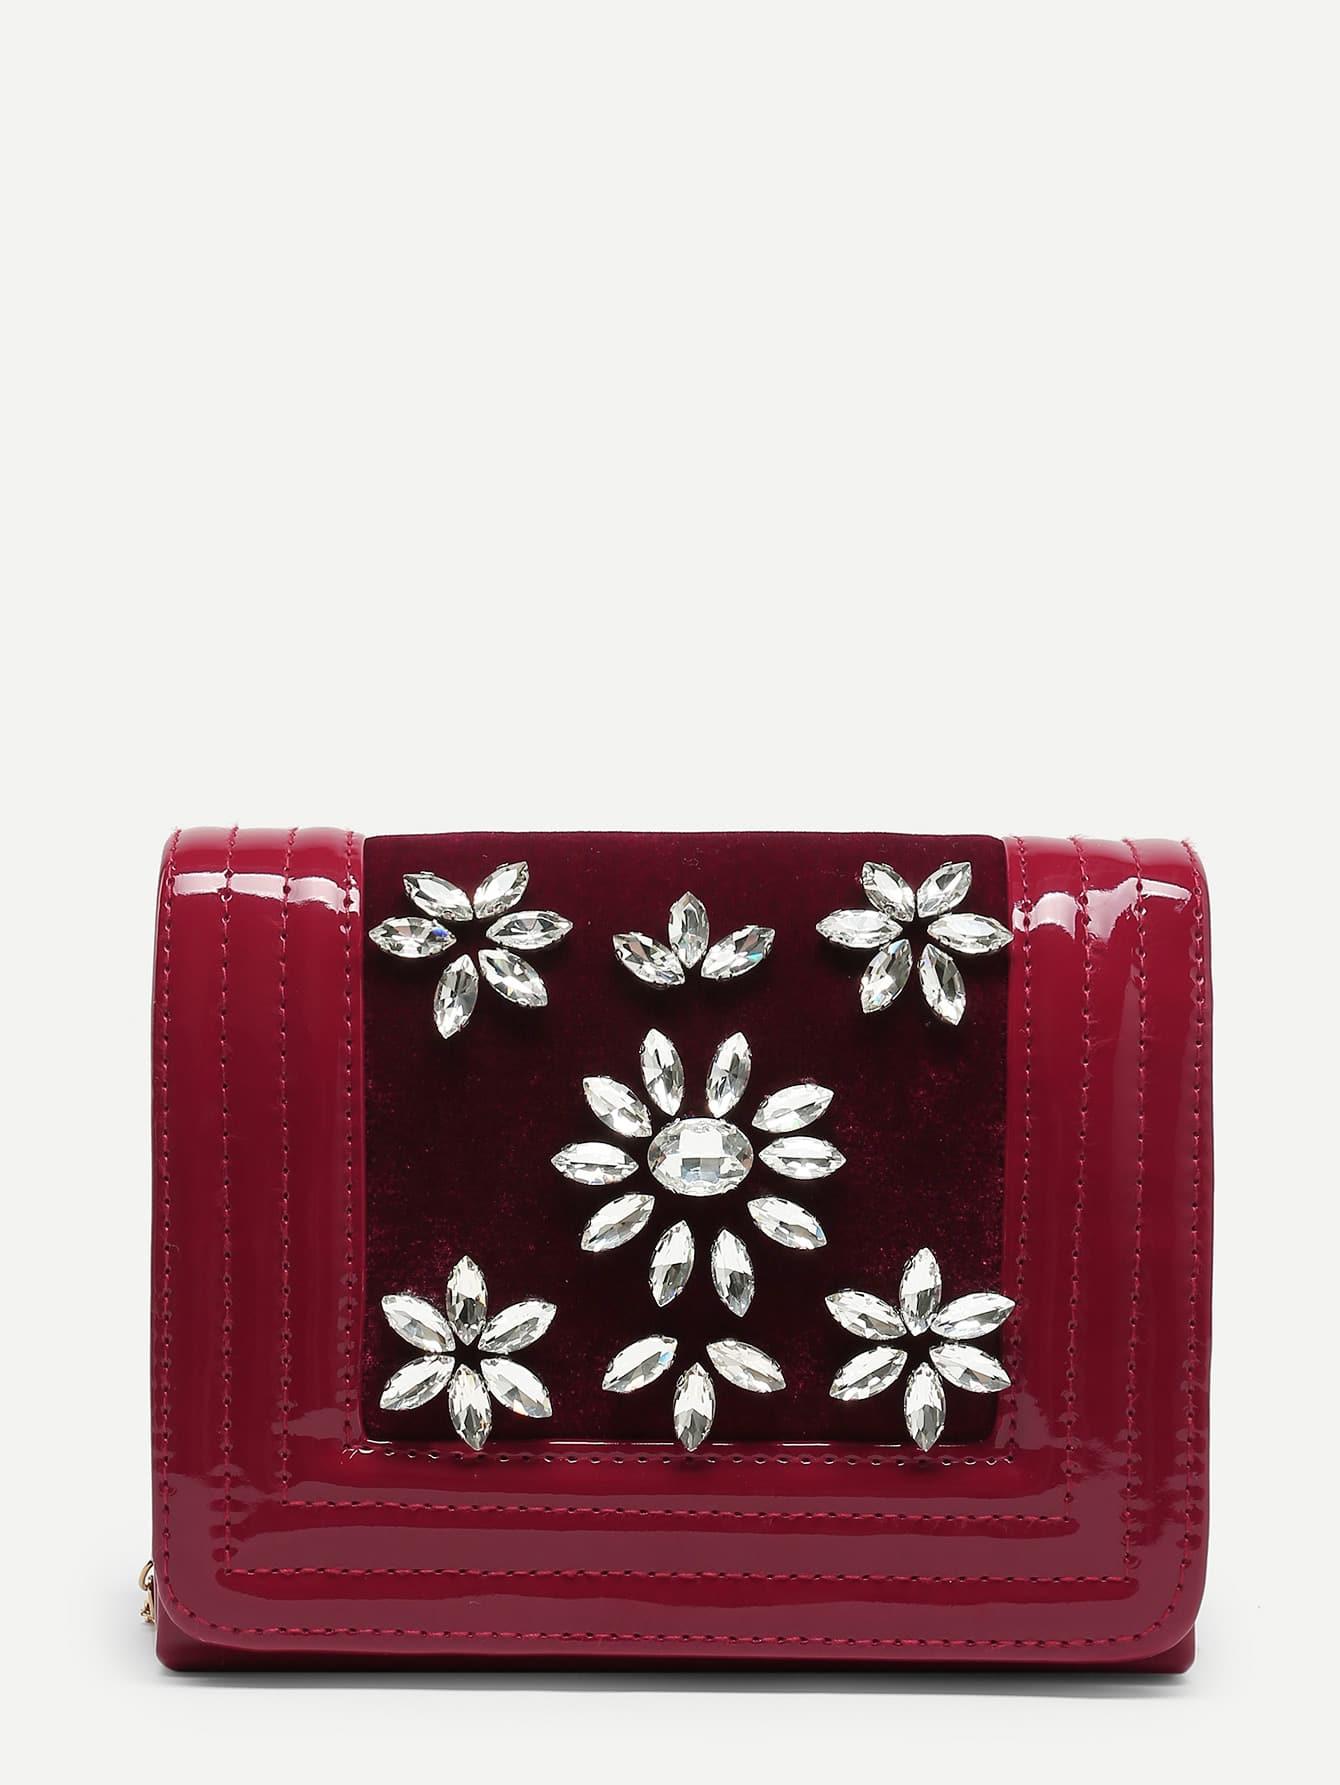 Фото - Rhinestone Flower Clutch Bag fawziya bird clutch bags for womens evening bag hard case rhinestone